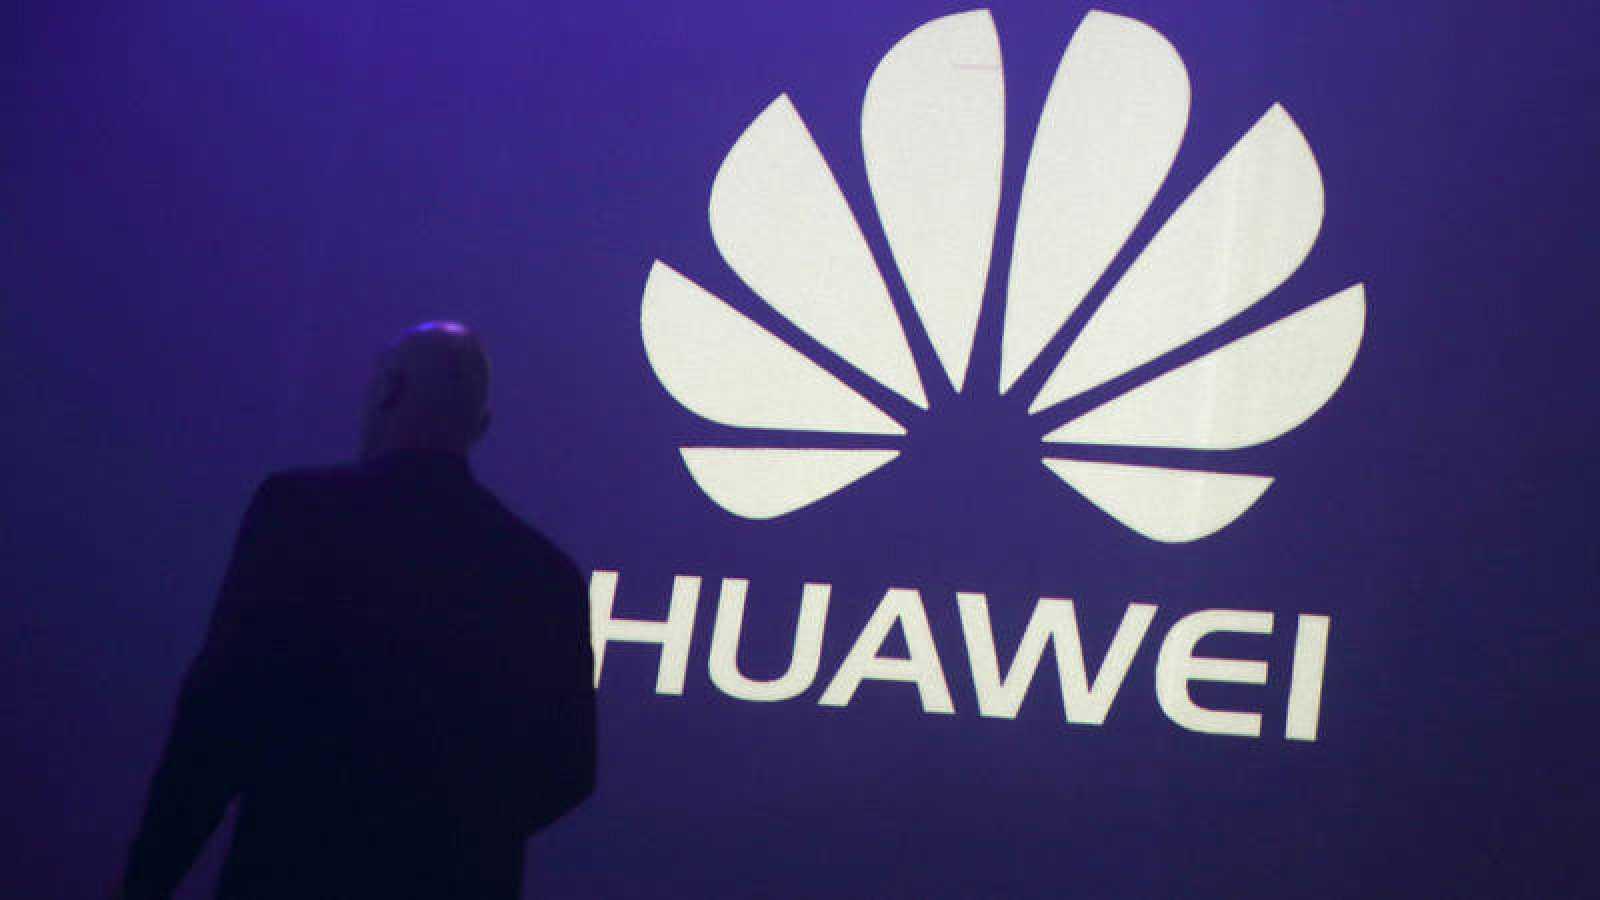 Un hombre pasa delante del logo de Huawei durante la presentación de un móvil de la empresa china